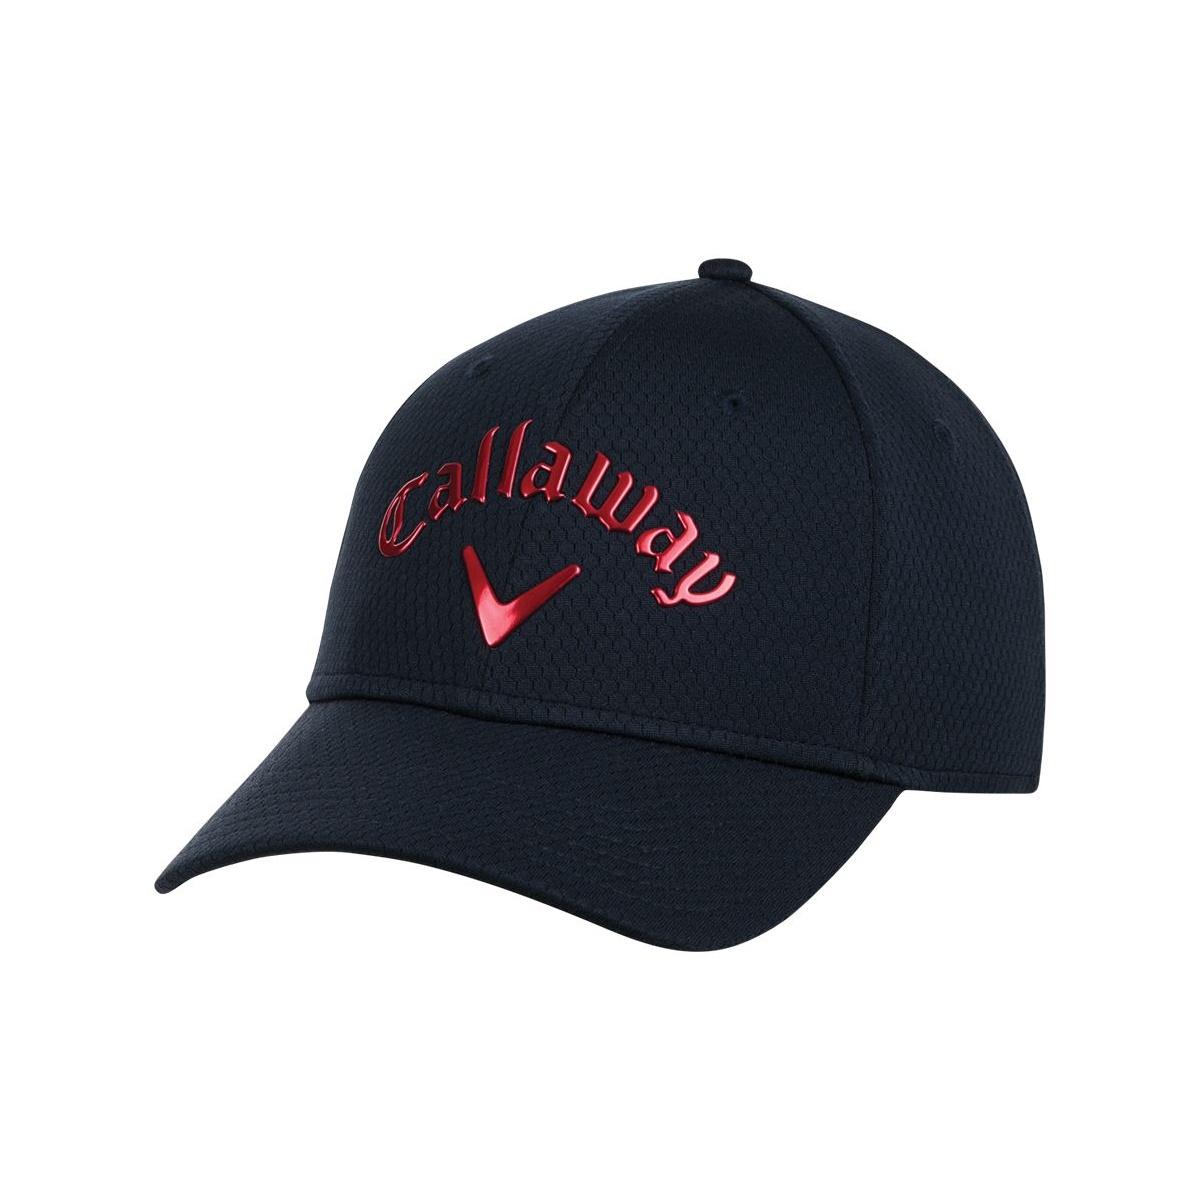 00794932eac Callaway Golf 2016 Liquid Metal Adjustable Hat - Navy Red